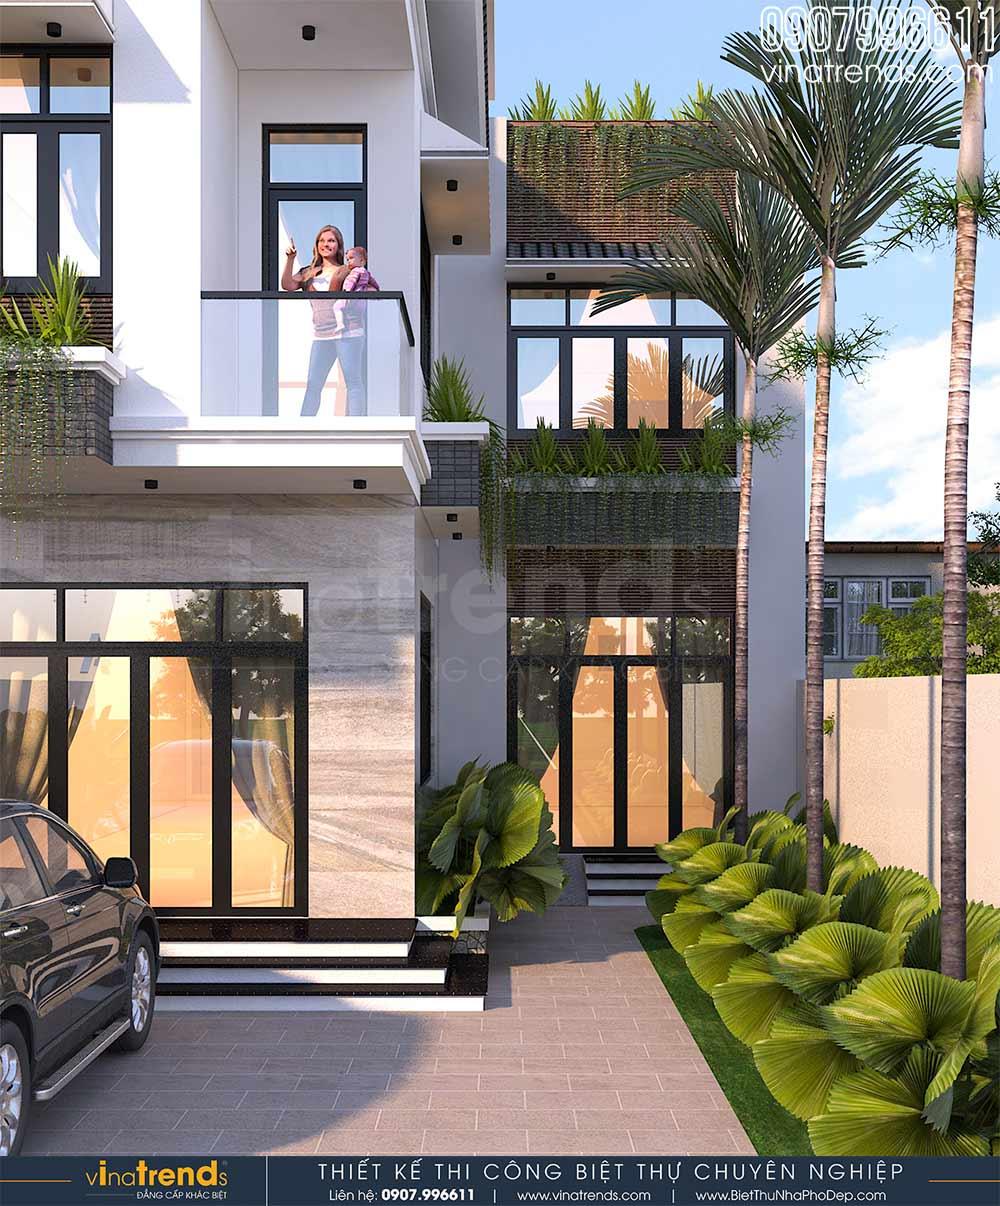 mau nha 2 tang mai thai hien dai chu l 9m dai 15m 2 Mẫu nhà 2 tầng mái thái hiện đại 9x15m có sân vườn tổ ấm cho 3 người nên khá rộng rãi